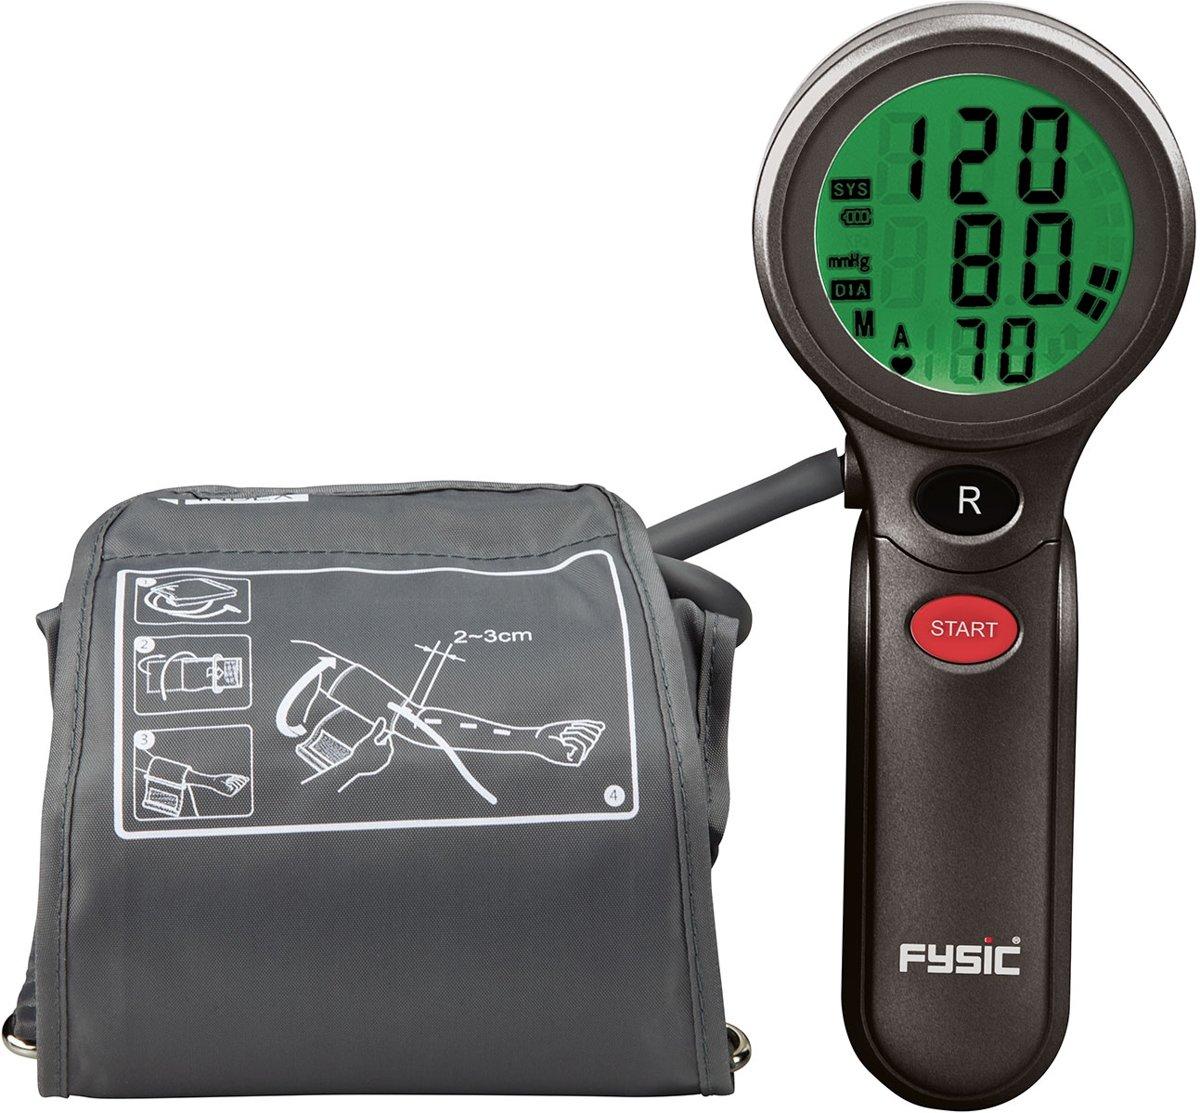 Fysic FB-180   Bovenarm bloeddrukmeter   Zwart /Grijs